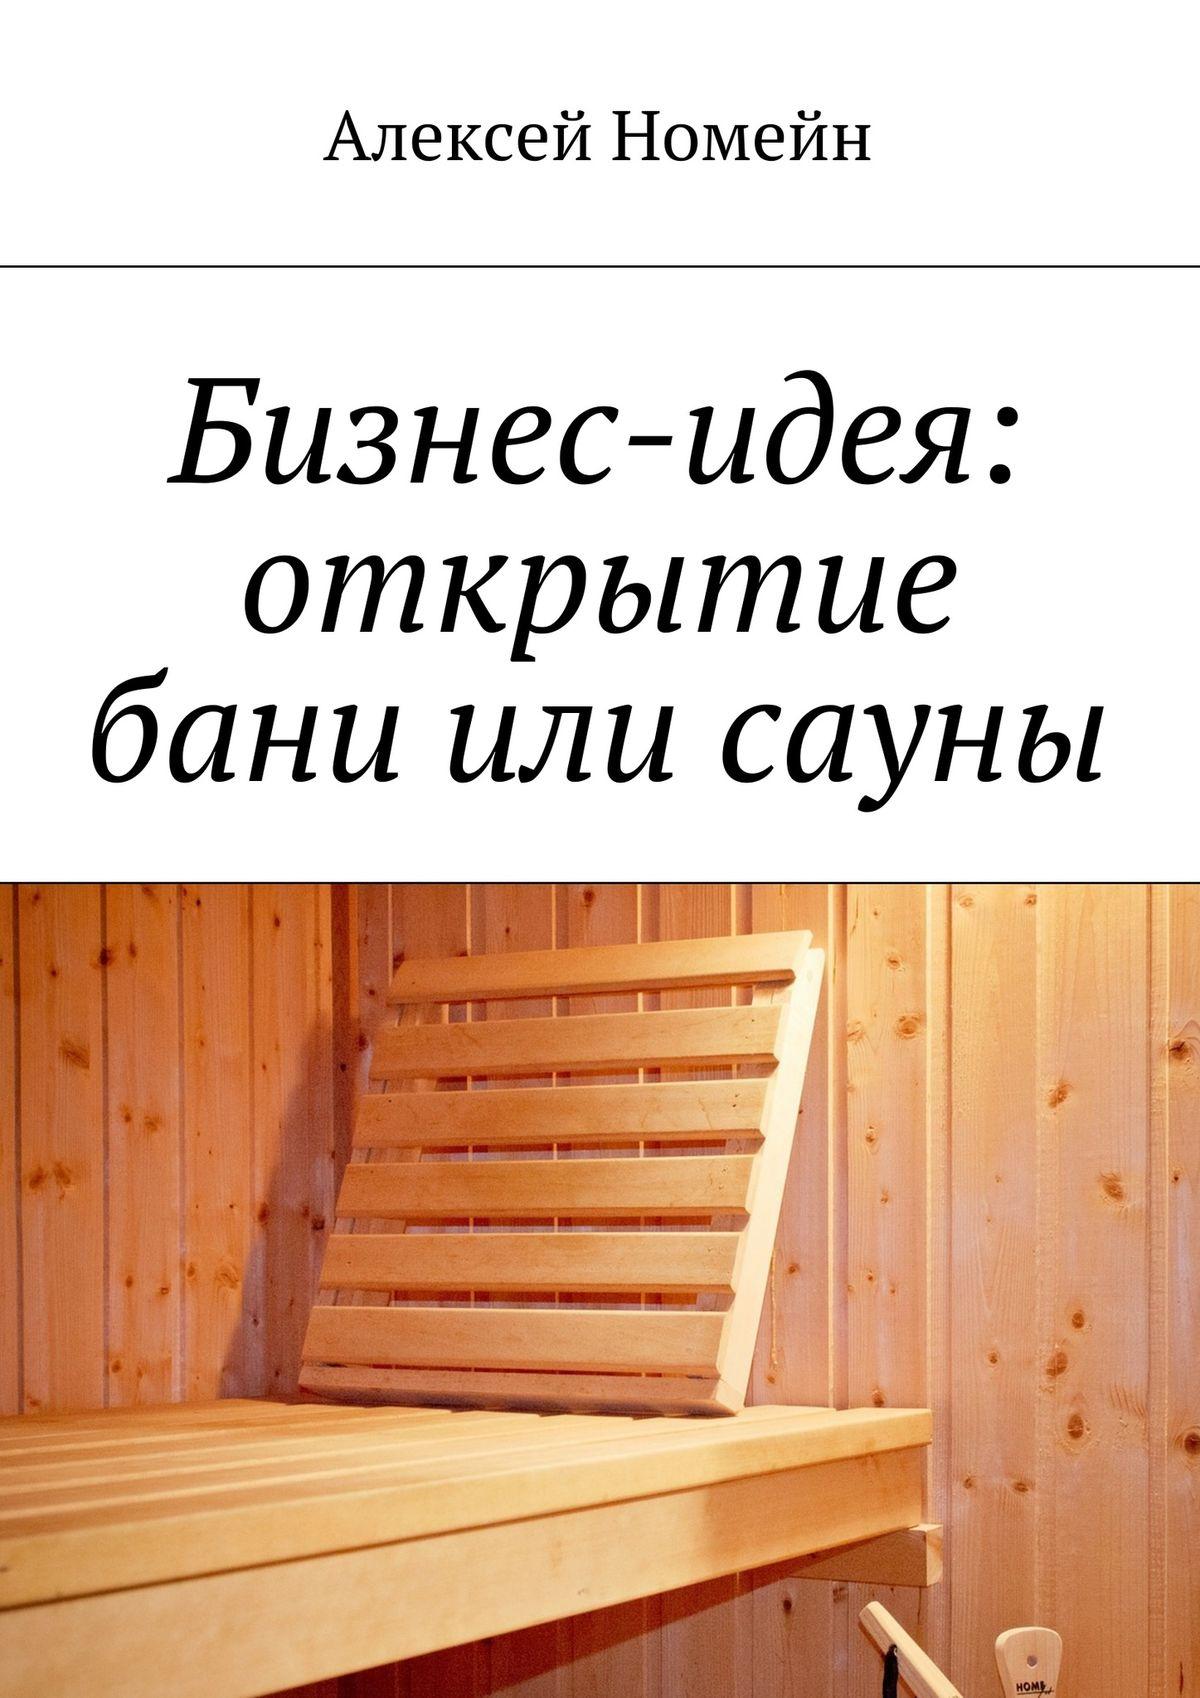 Алексей Номейн Бизнес-идея: открытие бани или сауны